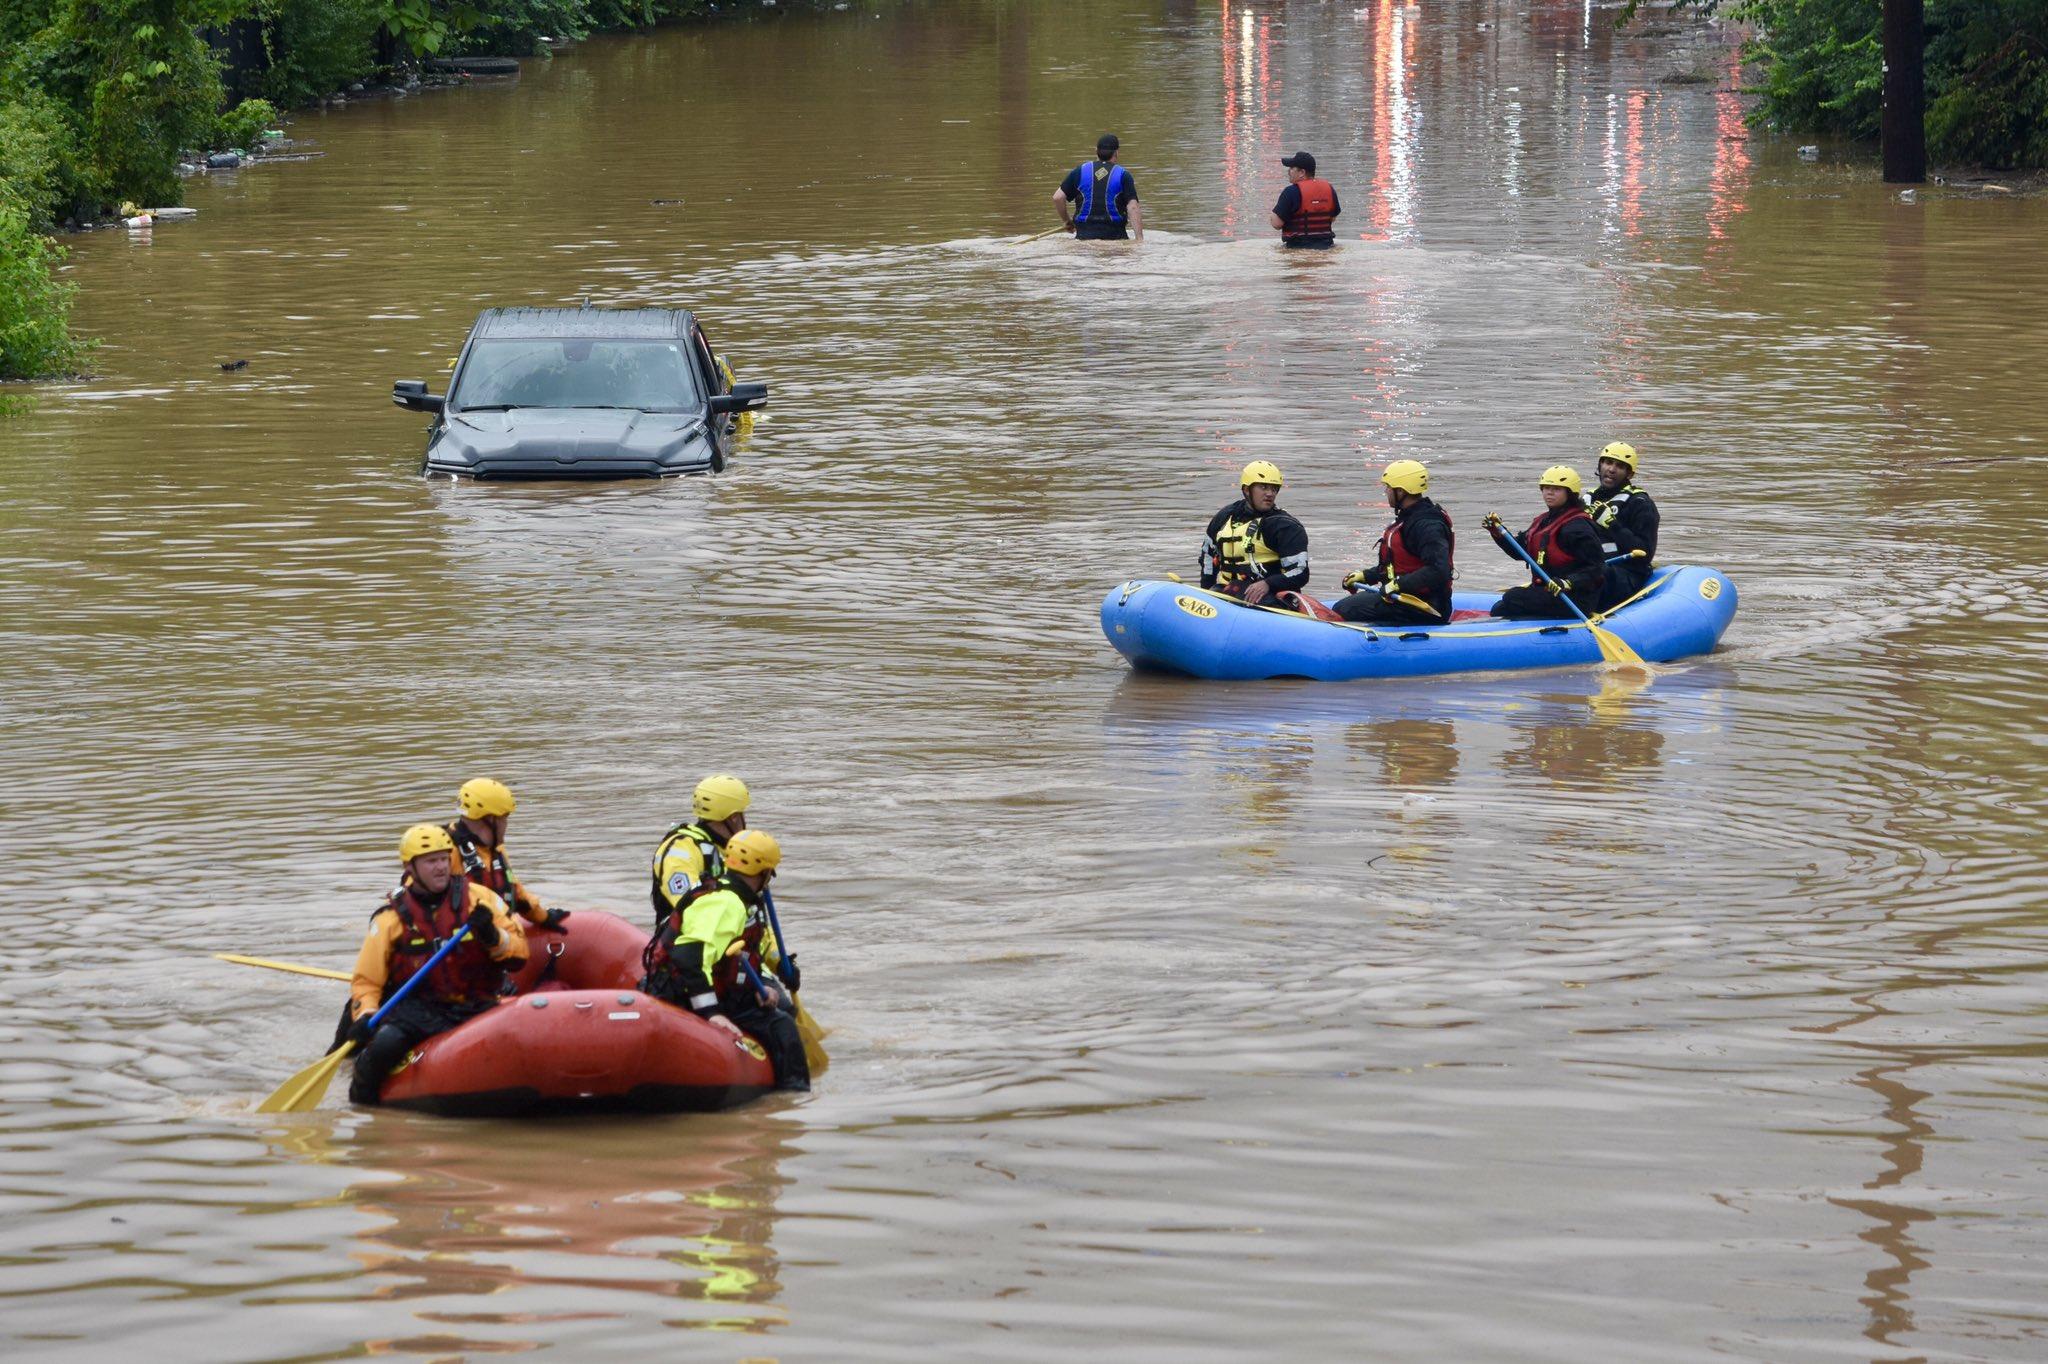 Ливни затопили часть штата Вашингтон, Мэриленд и Вирджинию (фото) - фото 4